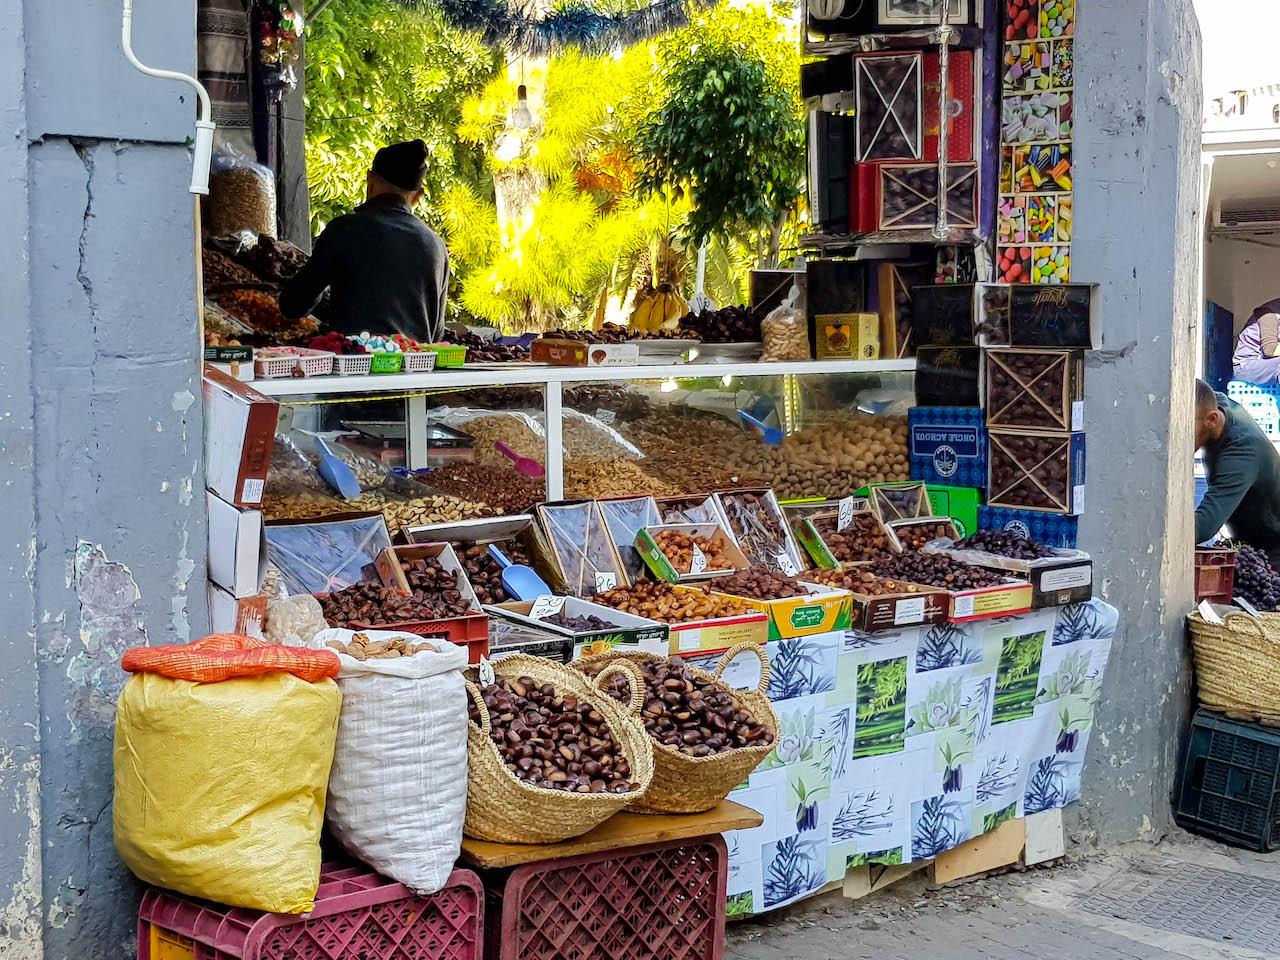 Gürze auf dem Strassenmarkt von Tanger.